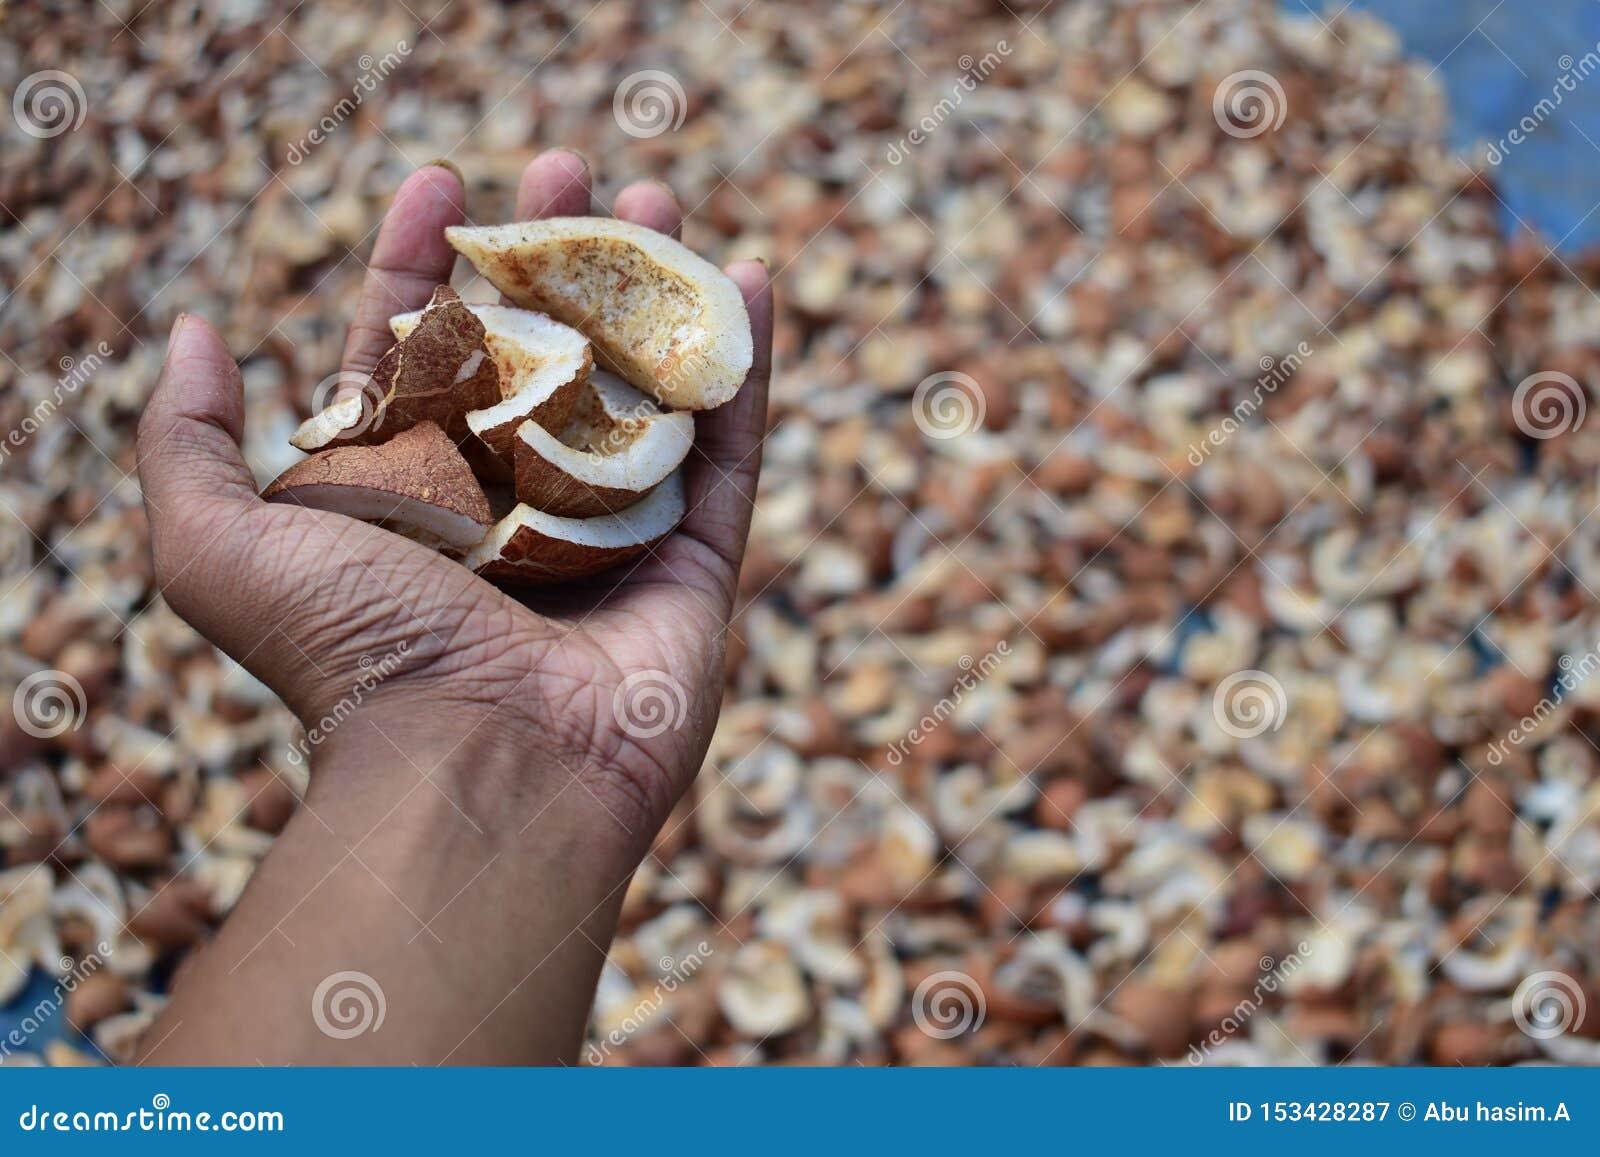 Una mano por completo de los pedazos secados del coco